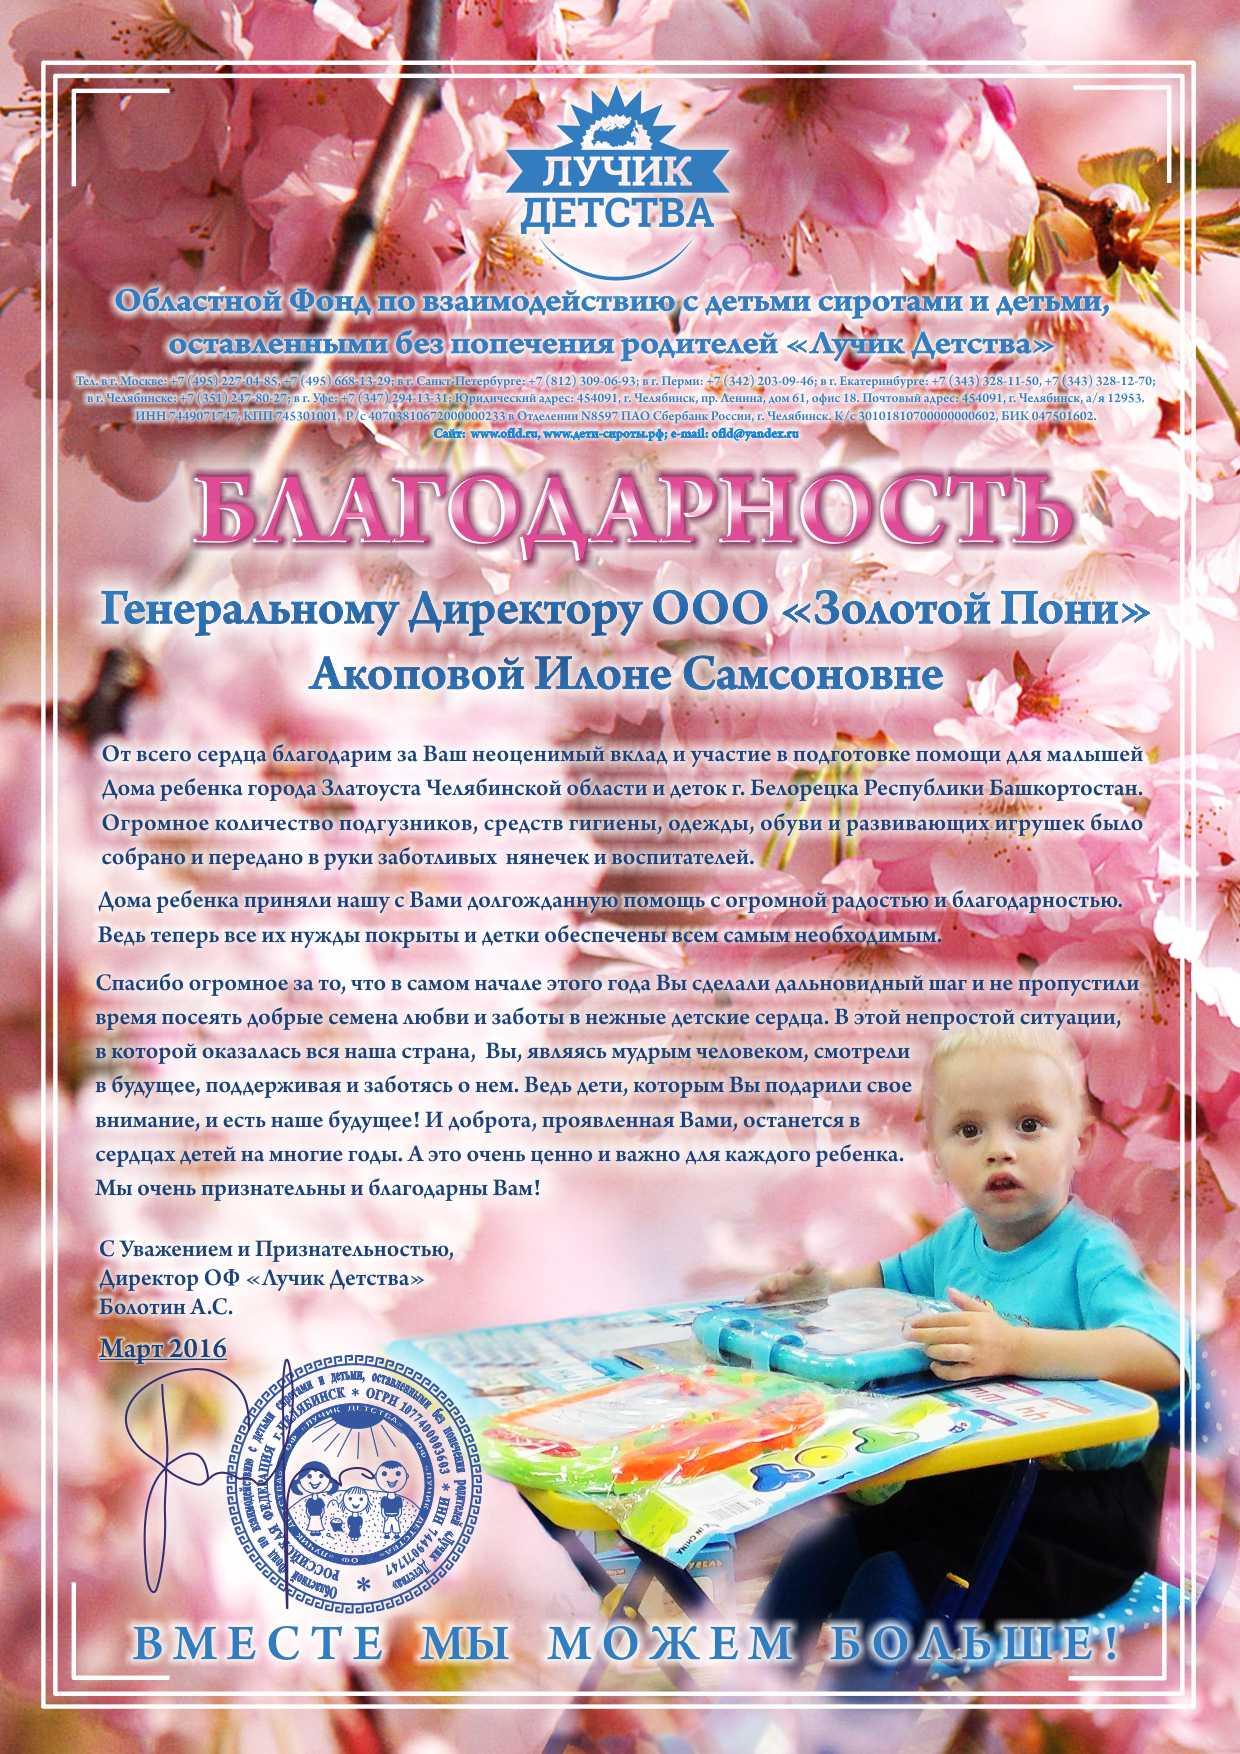 ООО_Золотой_Пони3.jpg